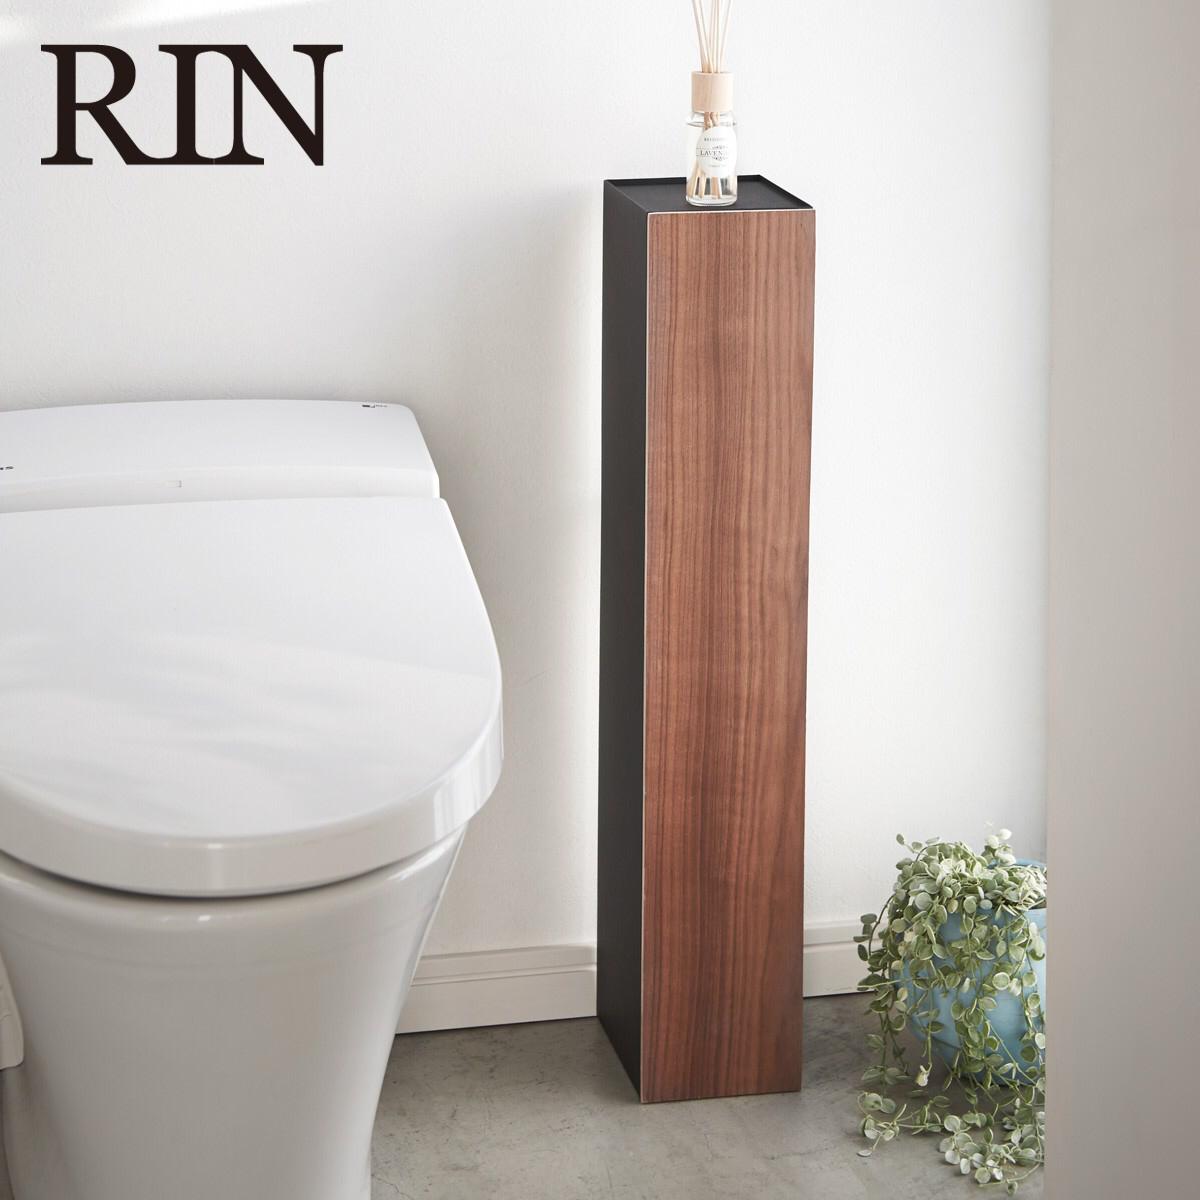 美しい木目でインテリア性のあるデザインのスリムトイレラック トイレットペーパー ストッカー 収納 おしゃれ スリムトイレラック リン Rin トイレタリー トイレのアイデア 掃除用具 収納 トイレットペーパー